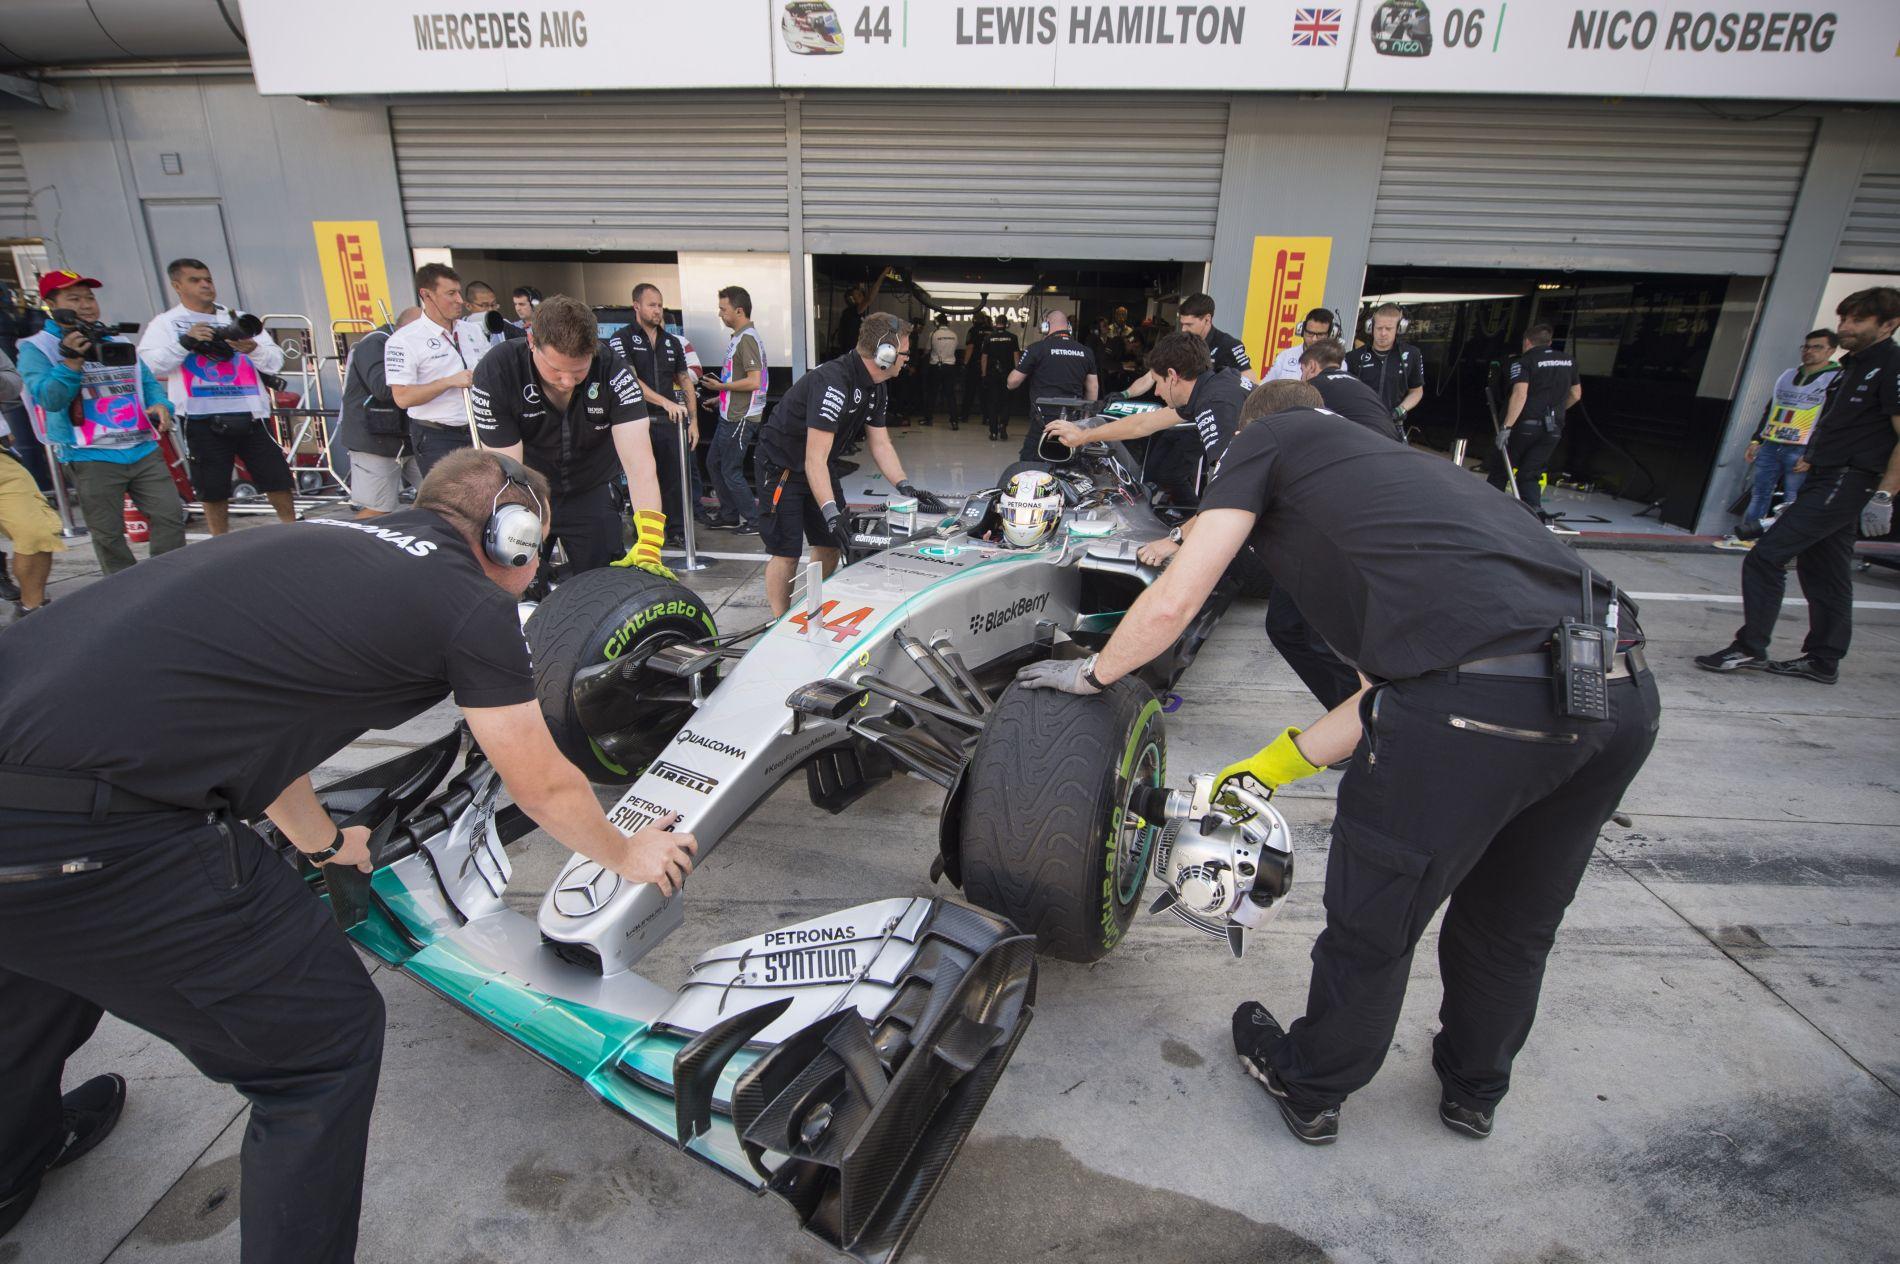 A Mercedes mindent úgy csinált, ahogy évek óta: hol a bibi?